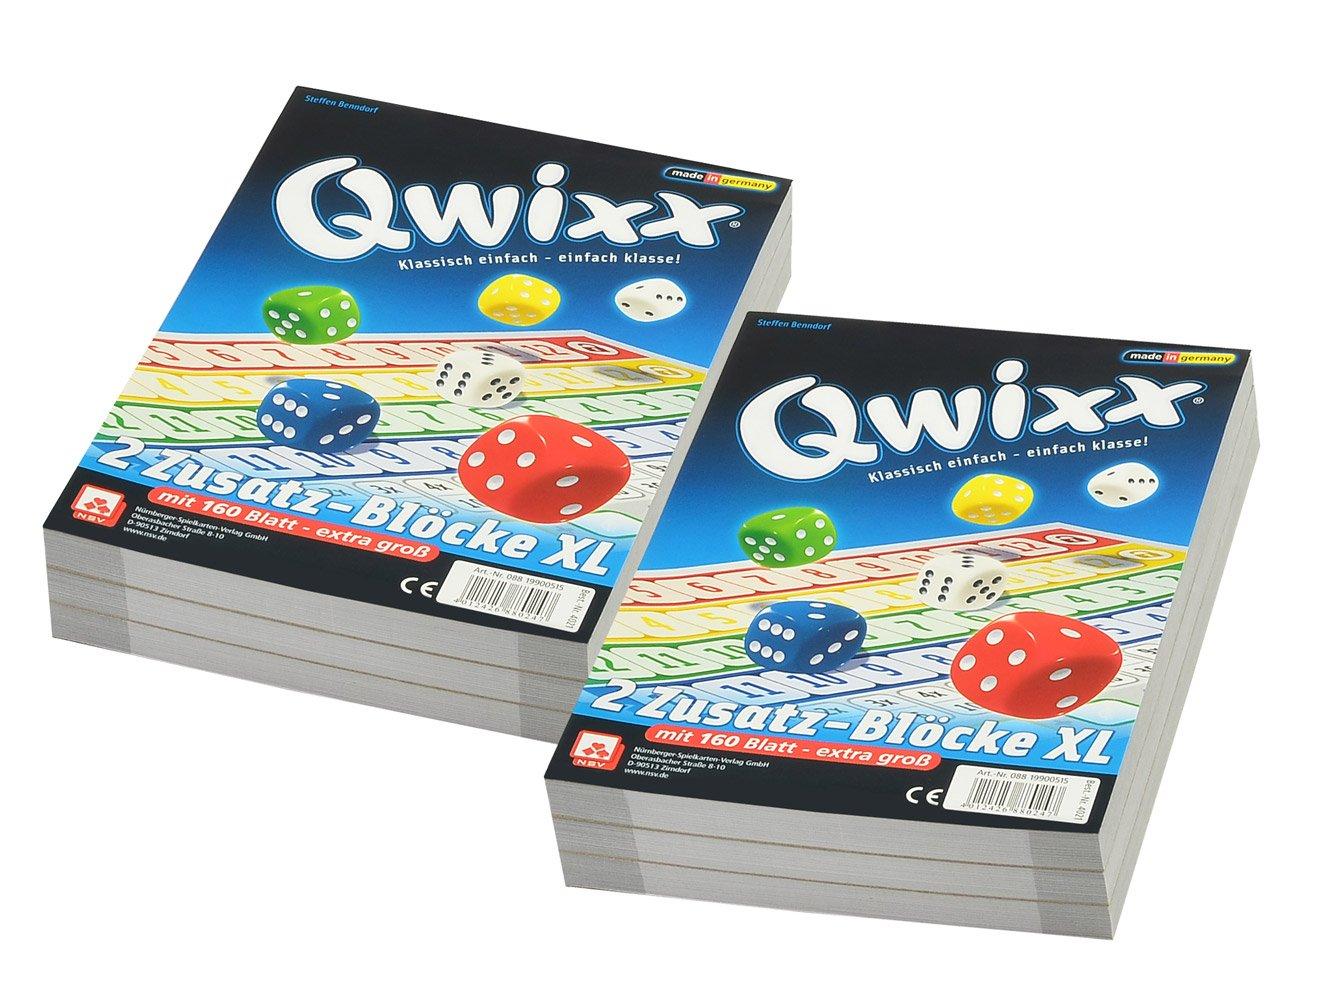 NSV-4025-QWIXX-ZUSATZBLCKE-XL-6-er-Pack-Wrfelspiel